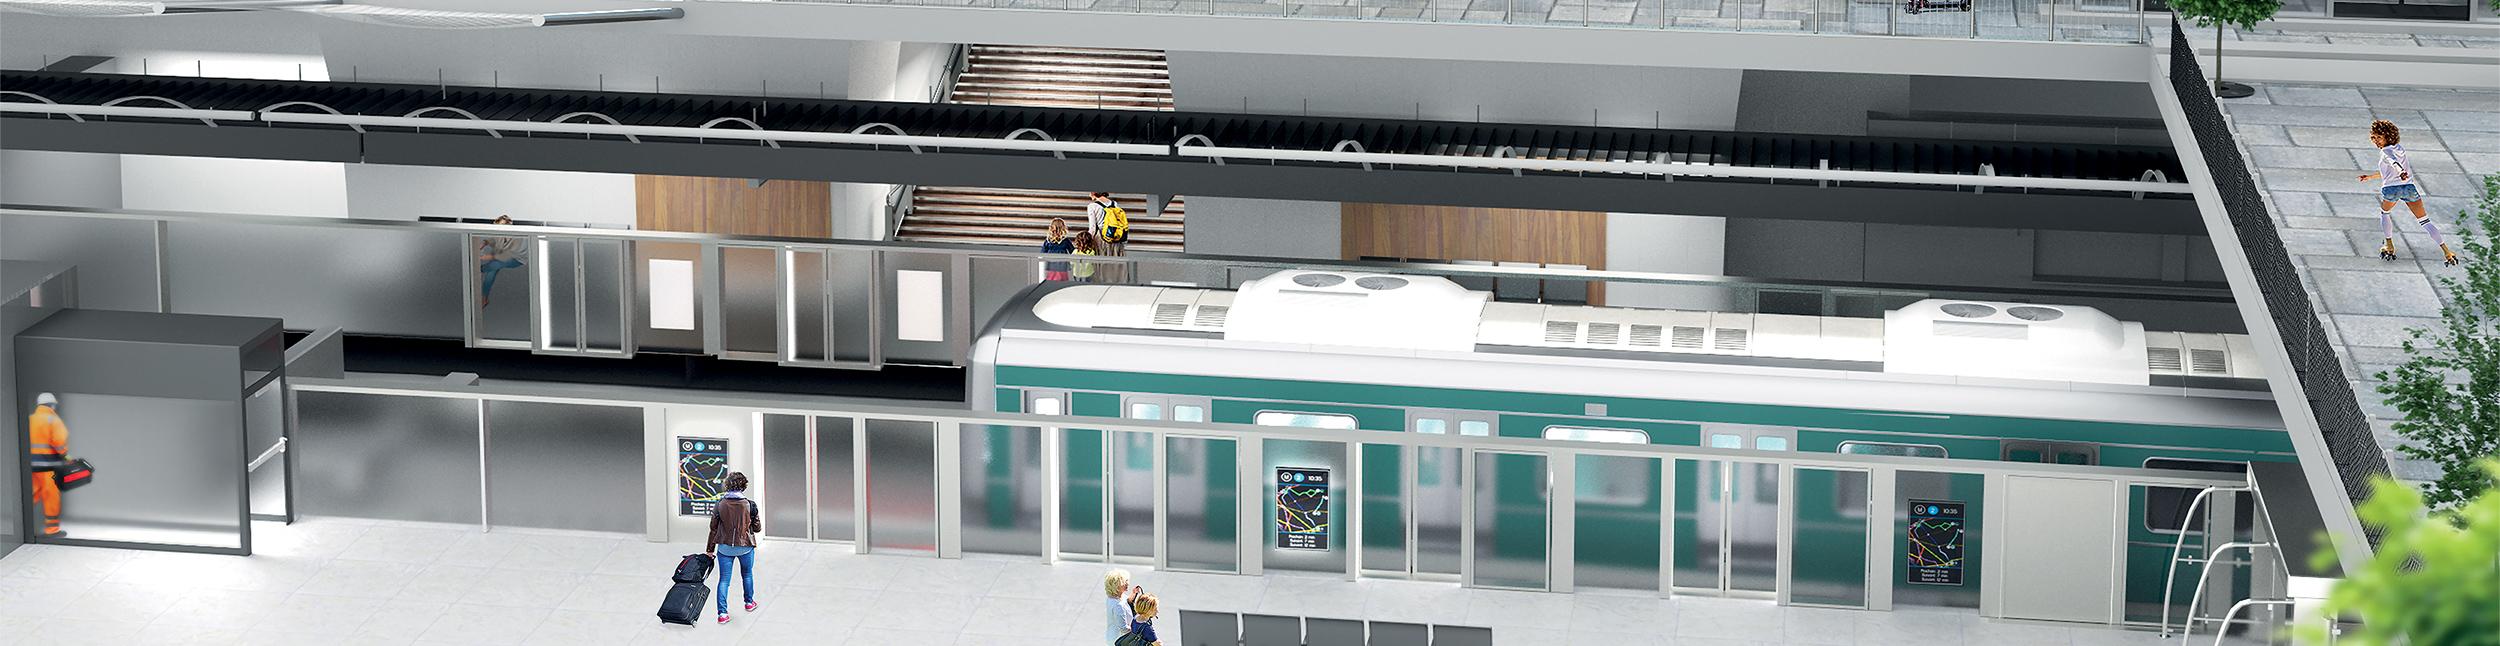 Portalp, fabricant de portes palières de quai de métro